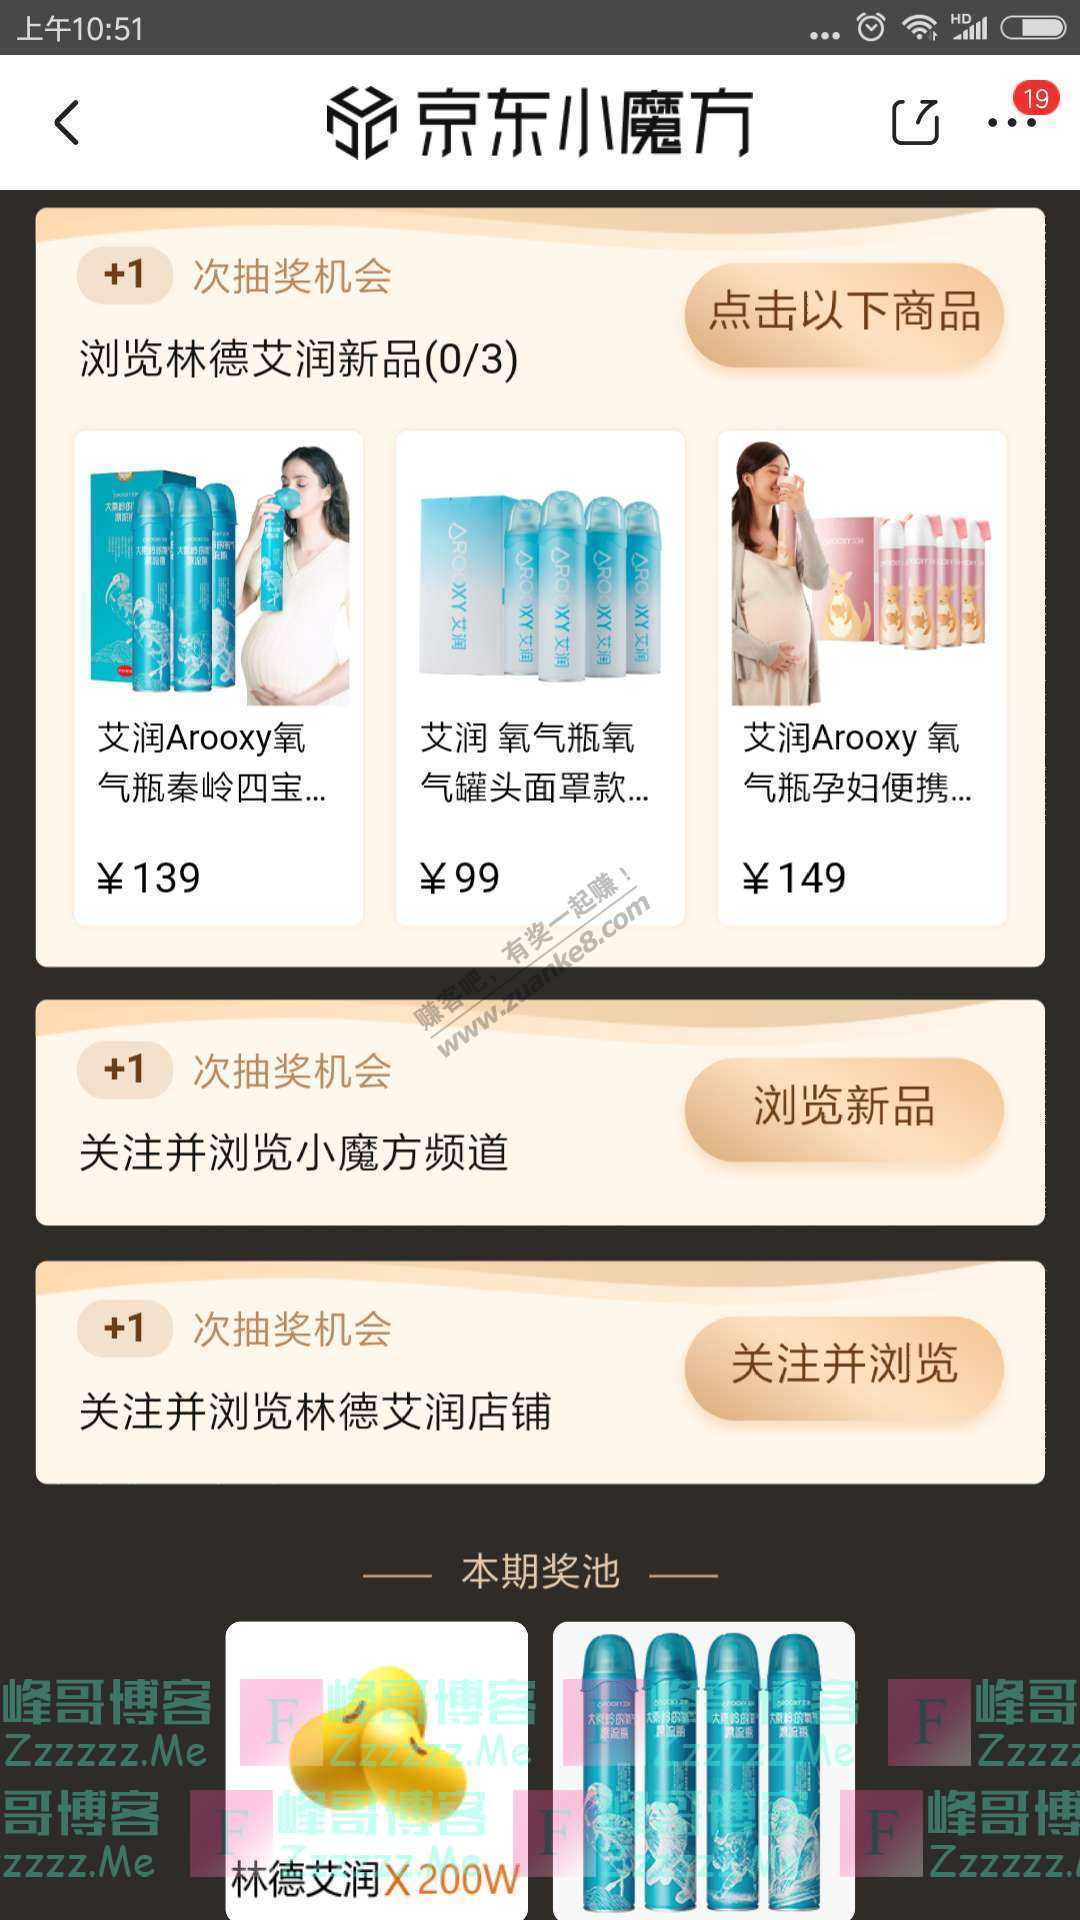 京东app转魔方赢新品(截止10月6日)